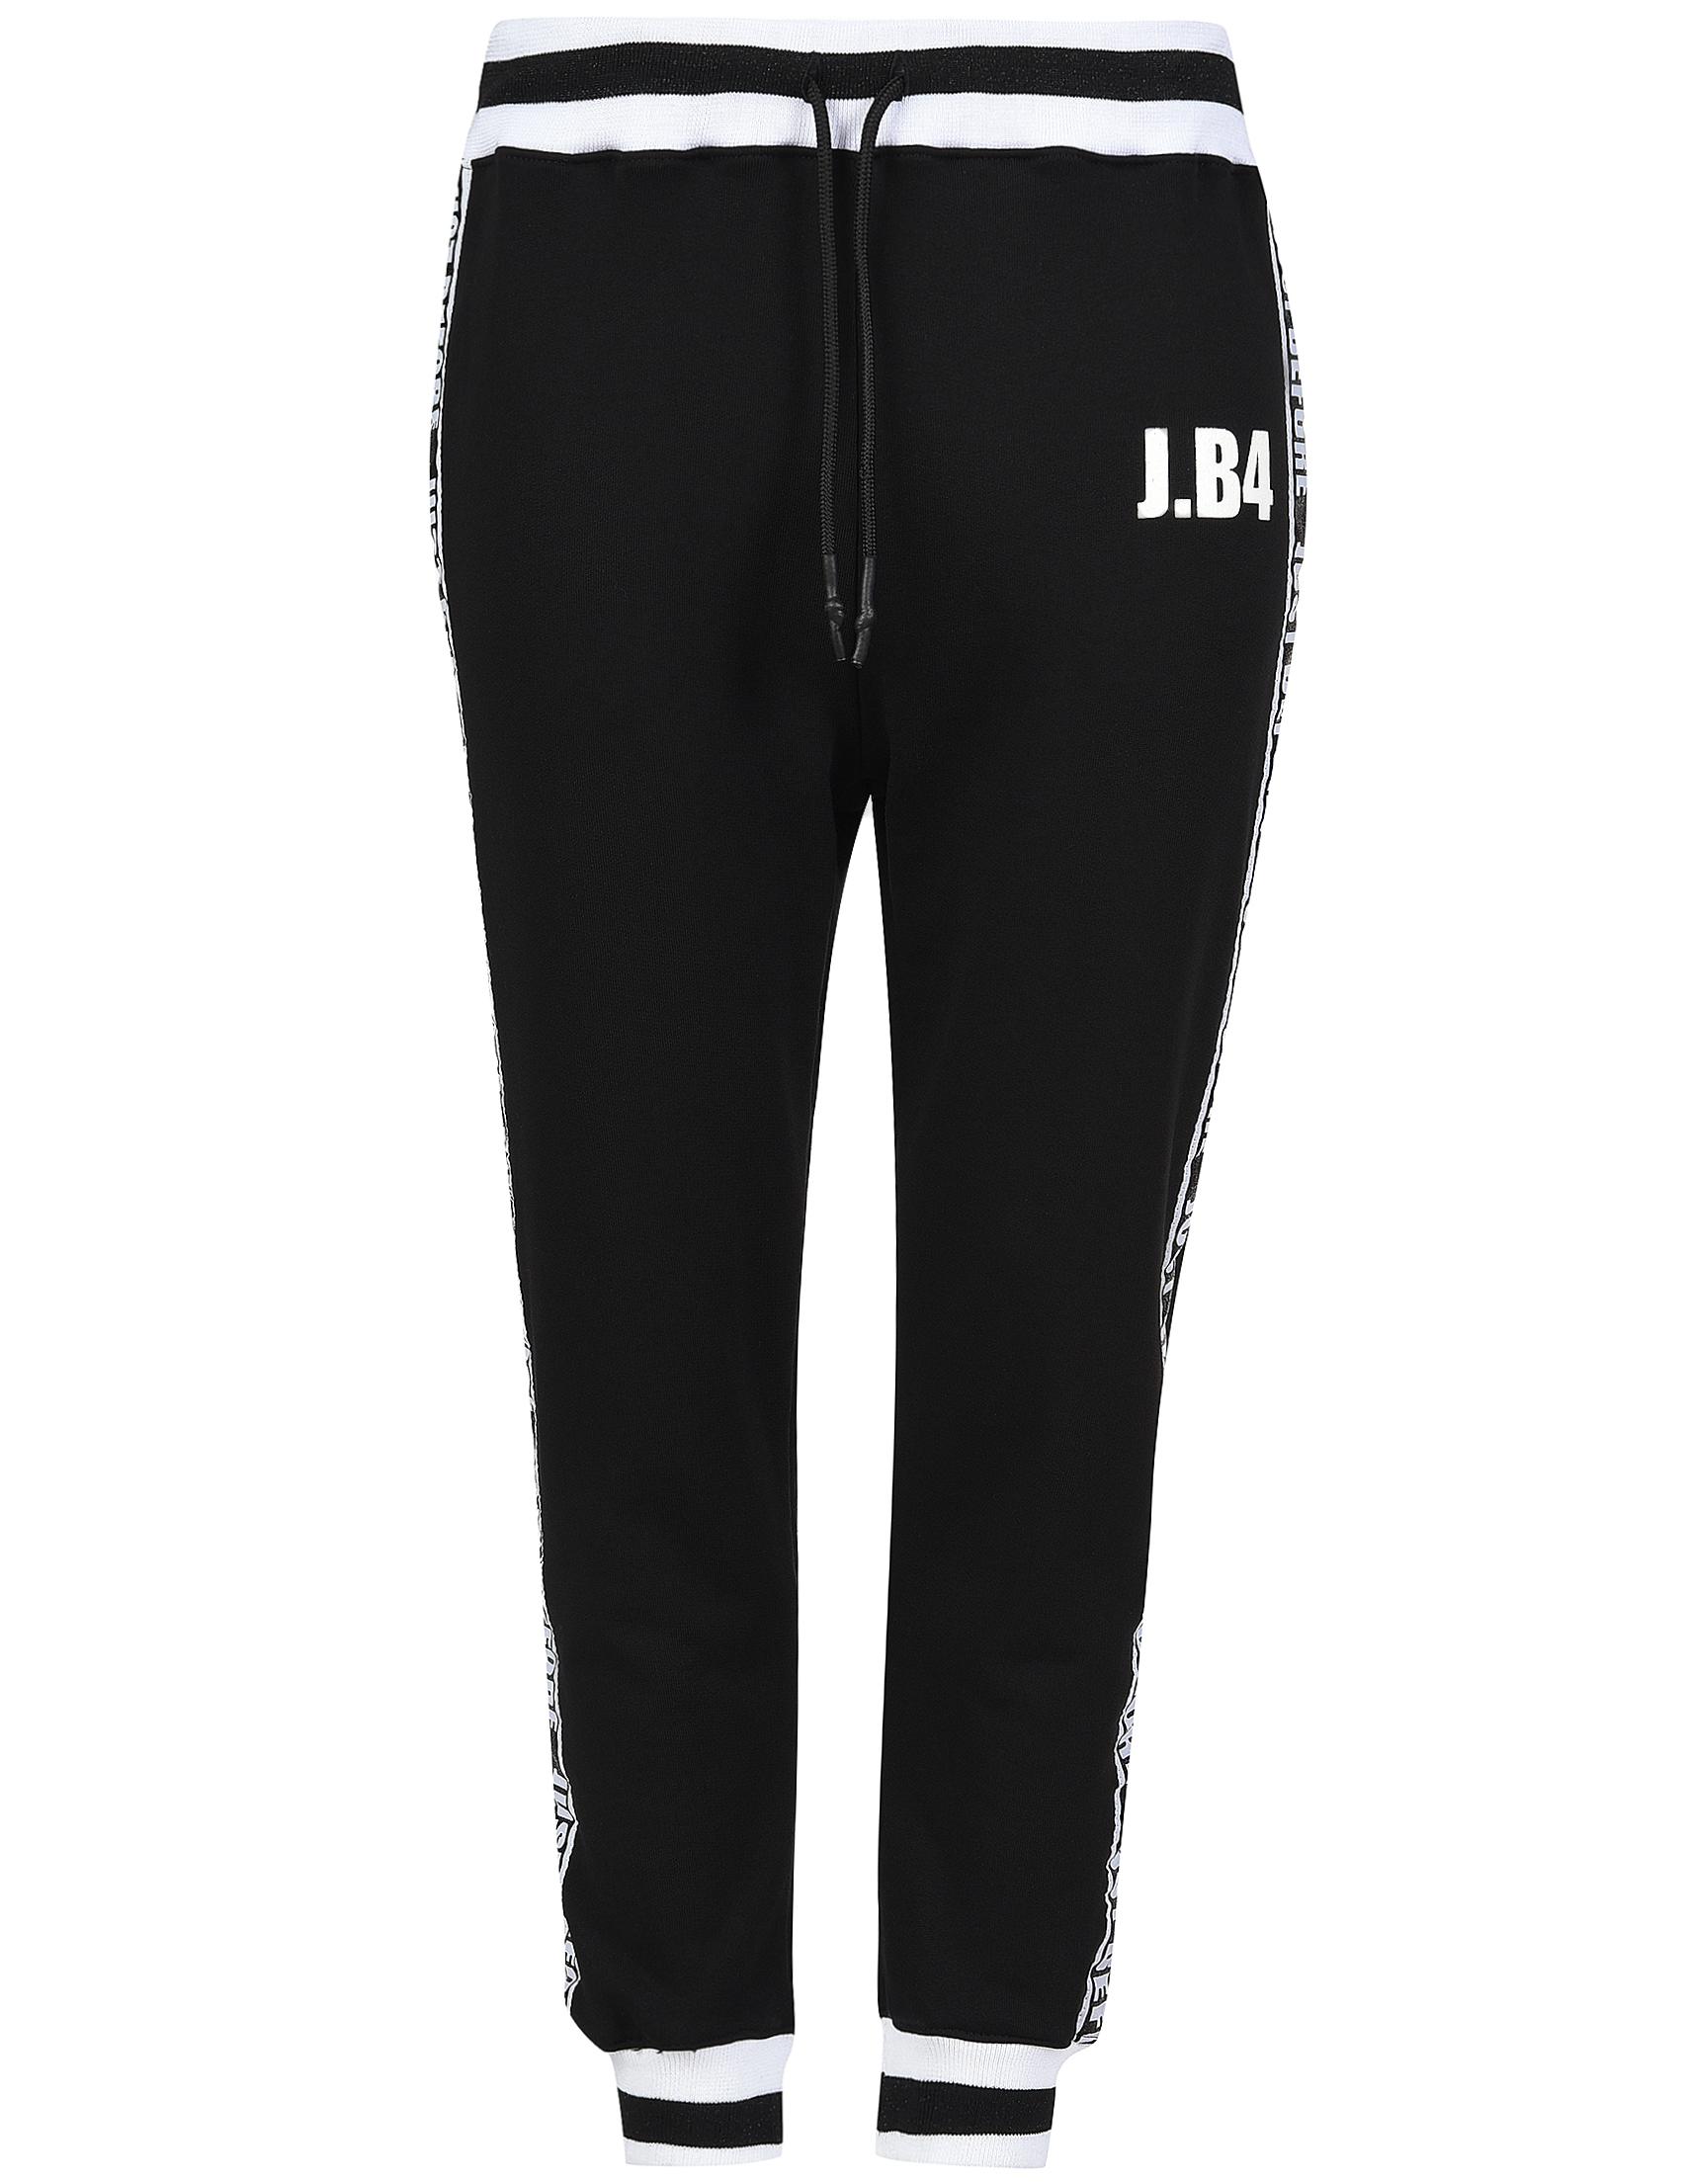 Спортивные брюки, J.B4 JUST BEFORE, Черный, 100%Хлопок, Весна-Лето  - купить со скидкой